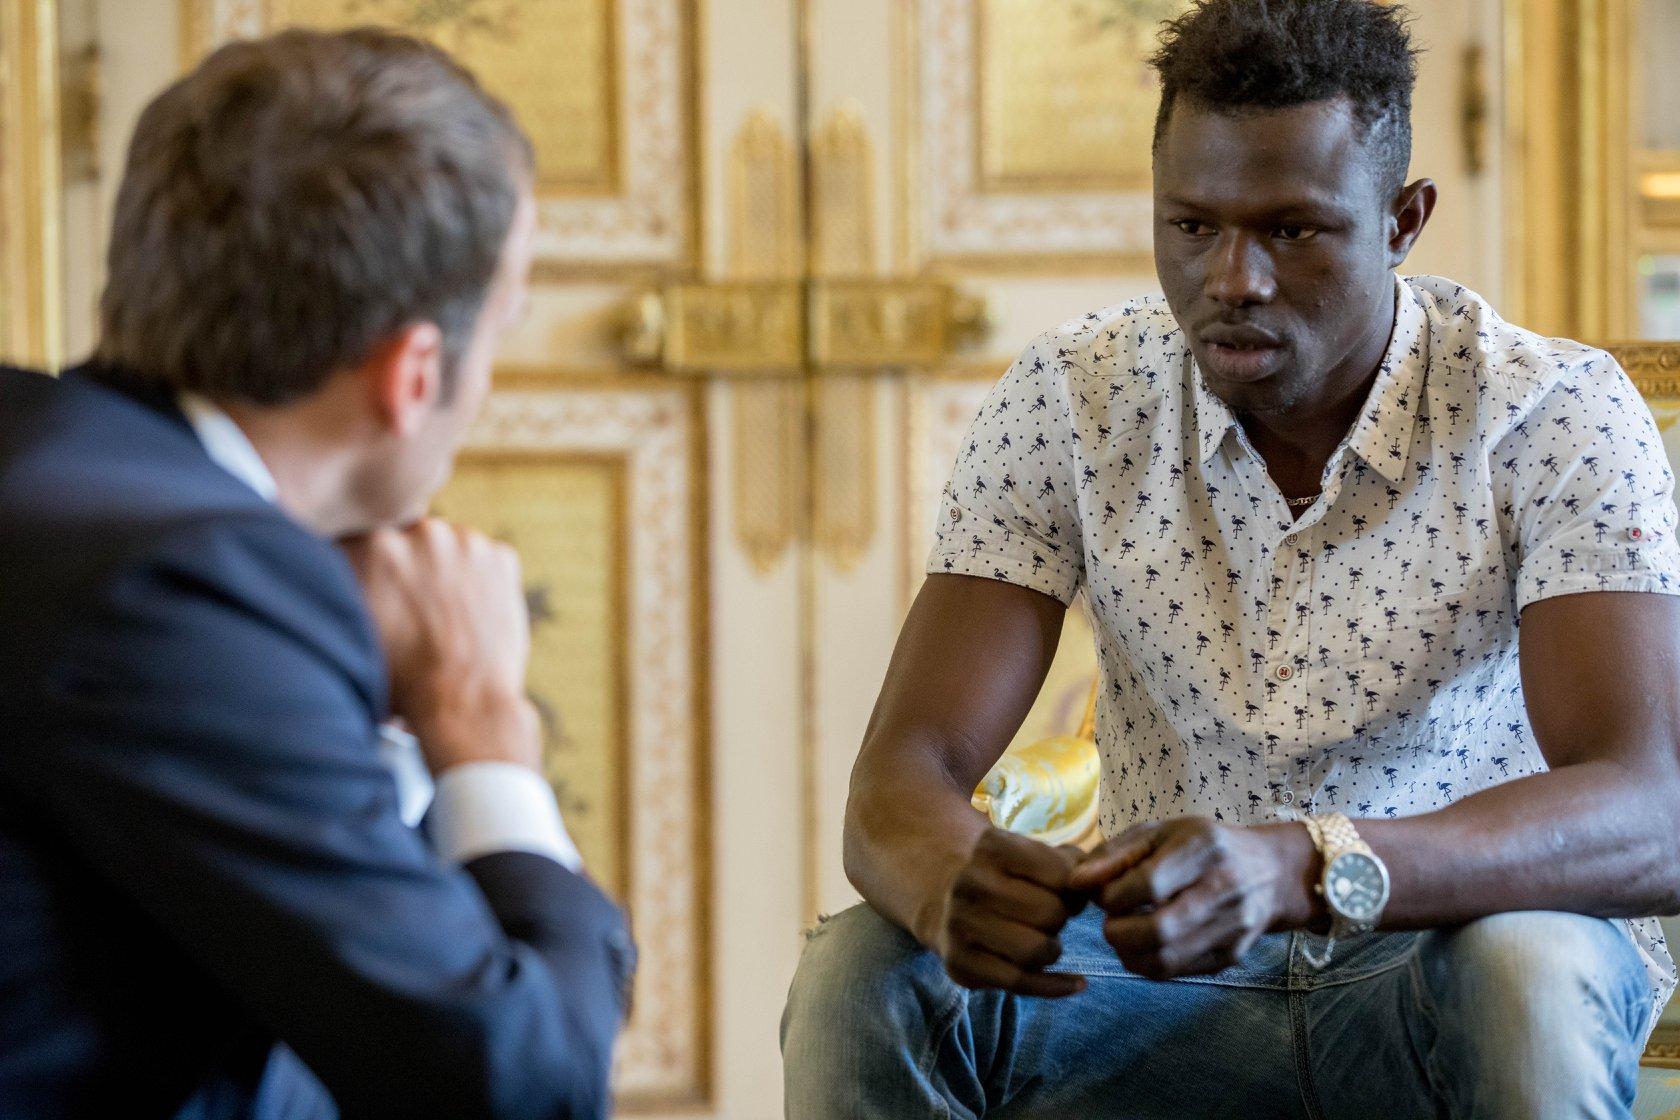 Nacionalidad, Francesa, Hombre Araña, Indocumentado, Mamadou Gassama, Emmanuel Macron